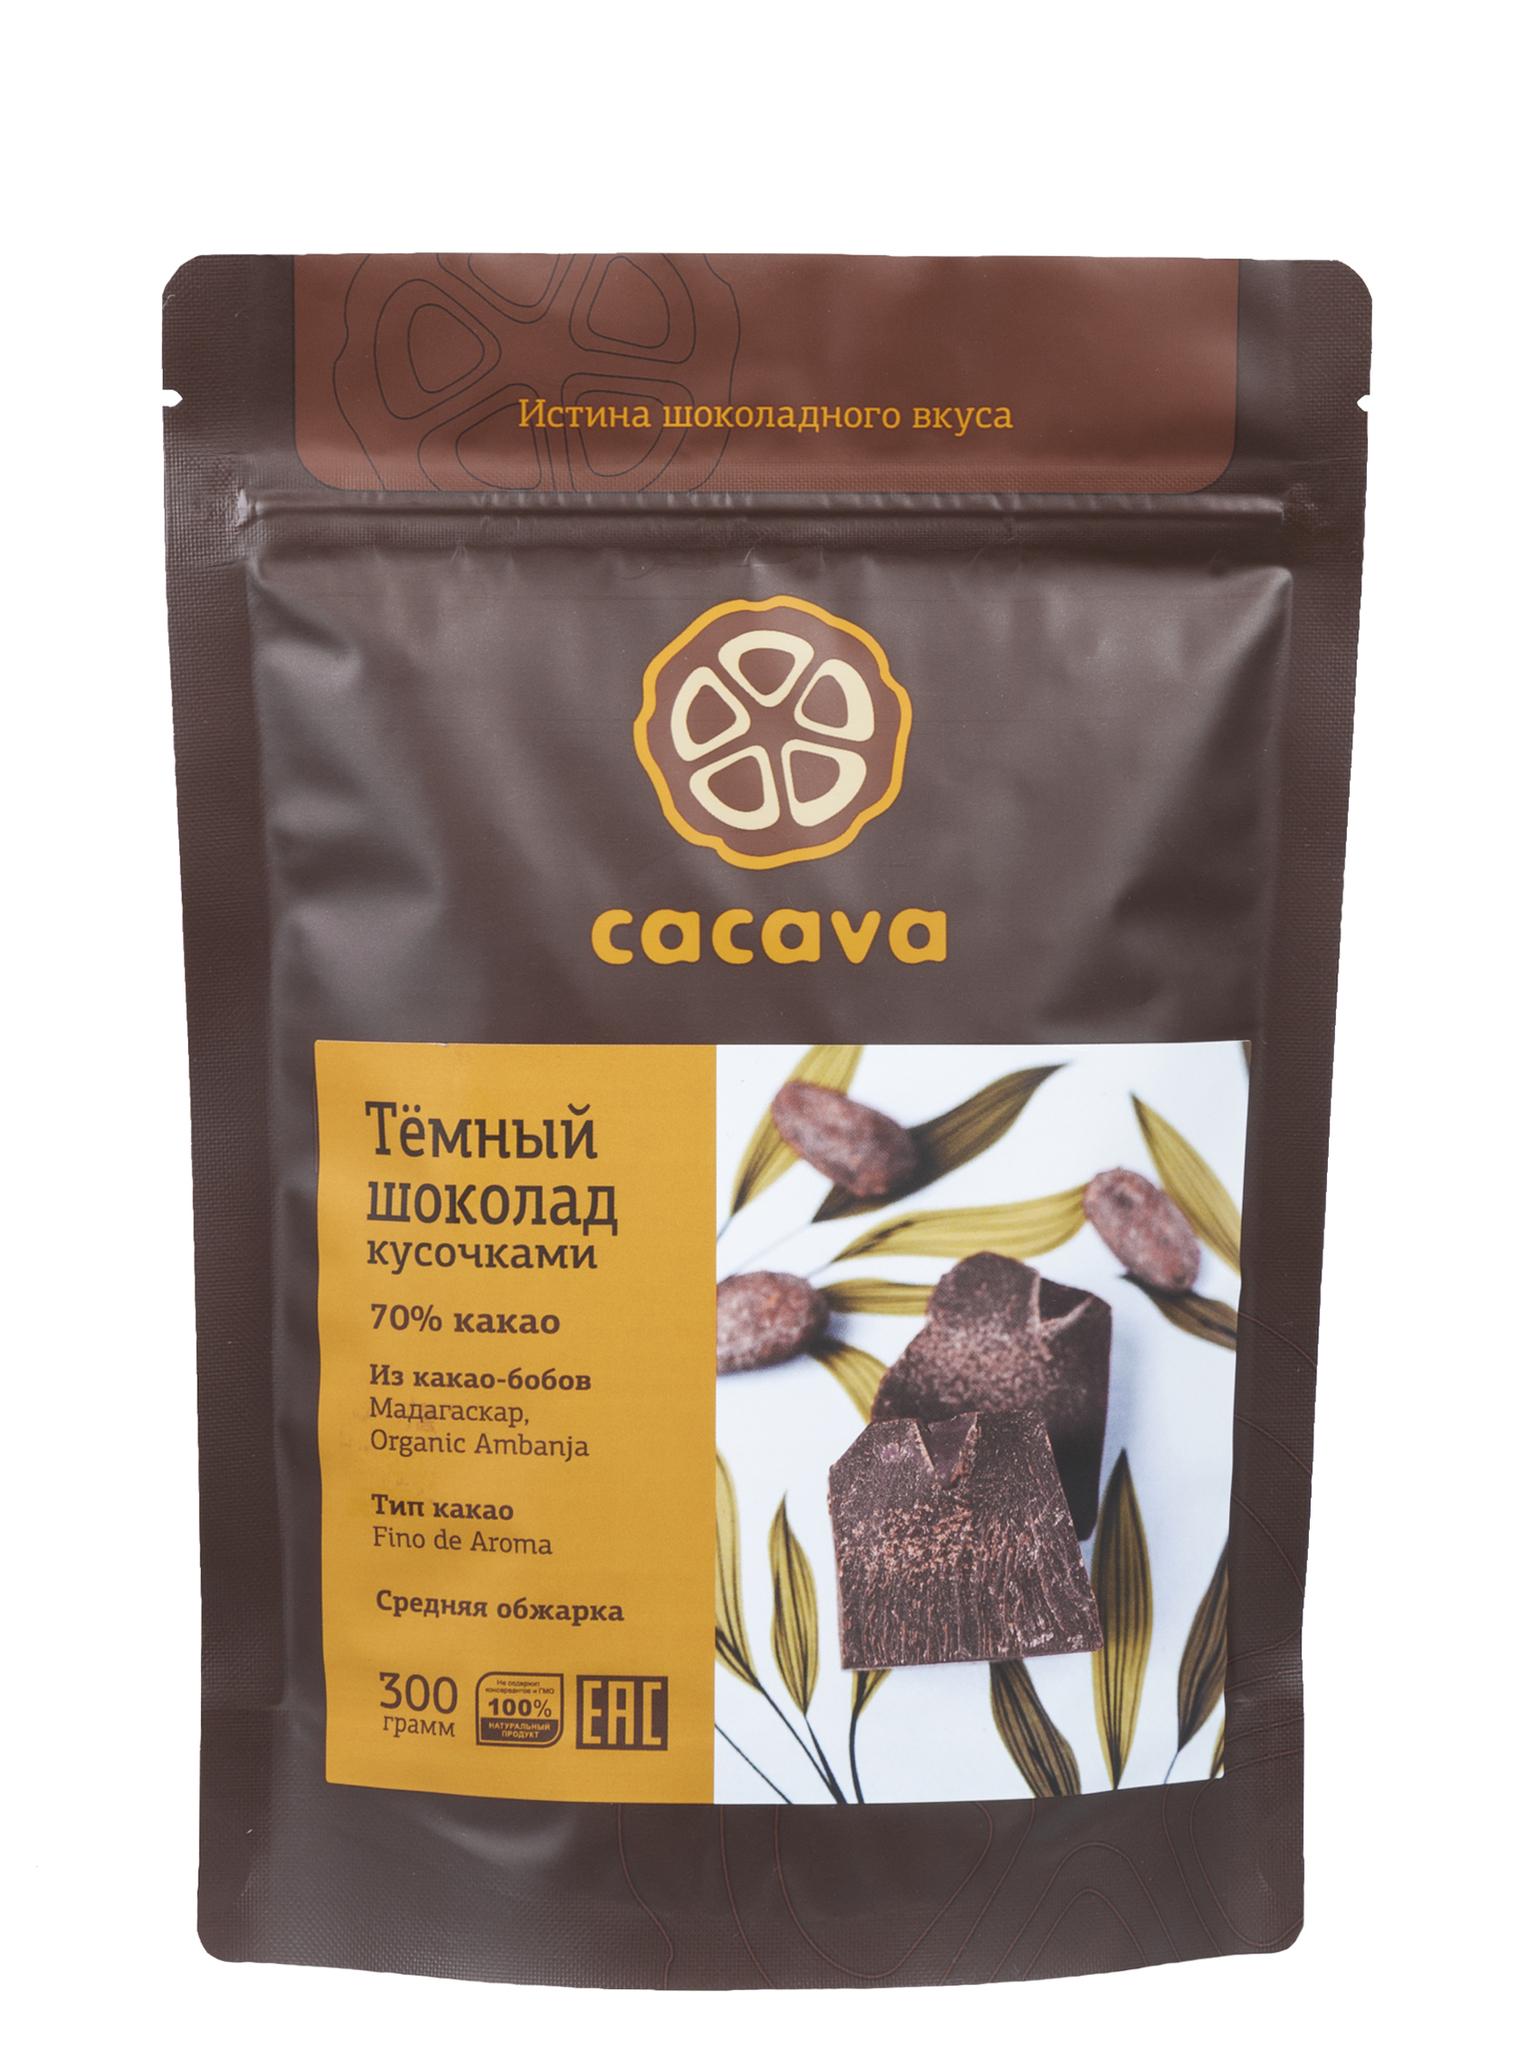 Тёмный шоколад 70 % какао (Мадагаскар), упаковка 300 грамм